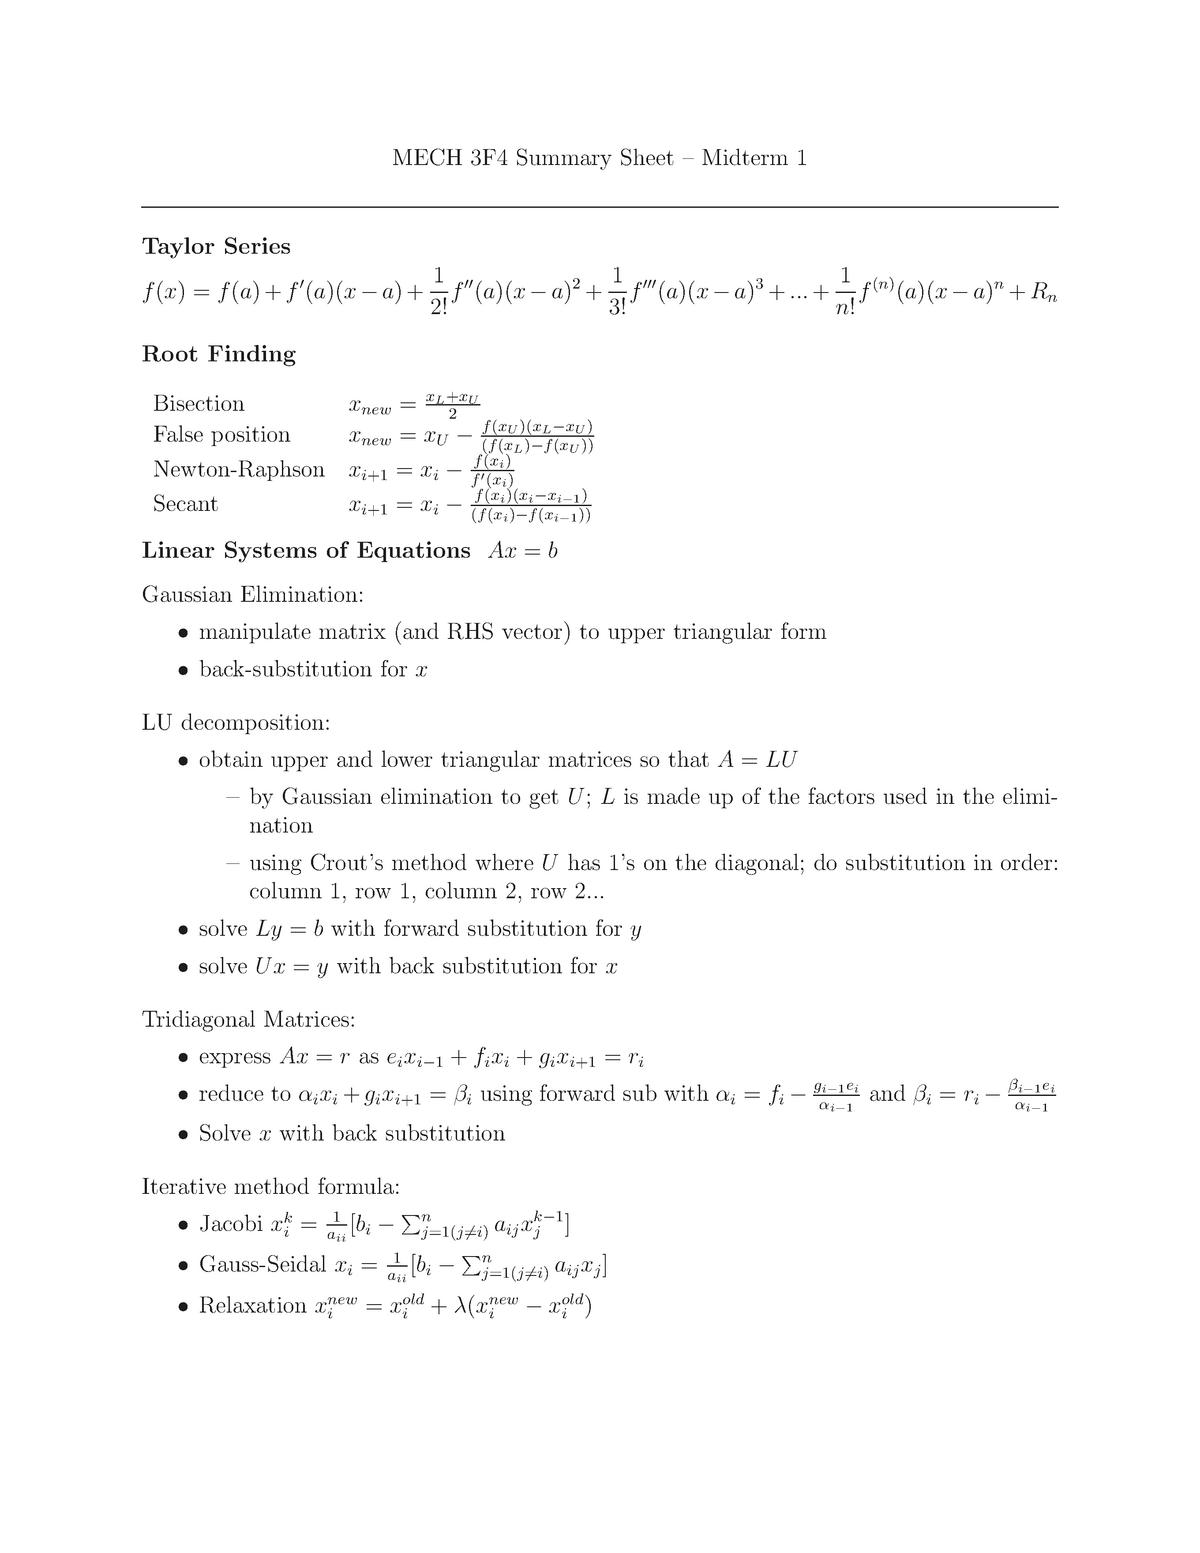 Mt1 summary sheet - Mech Eng 3E05: Mechanical Engineering